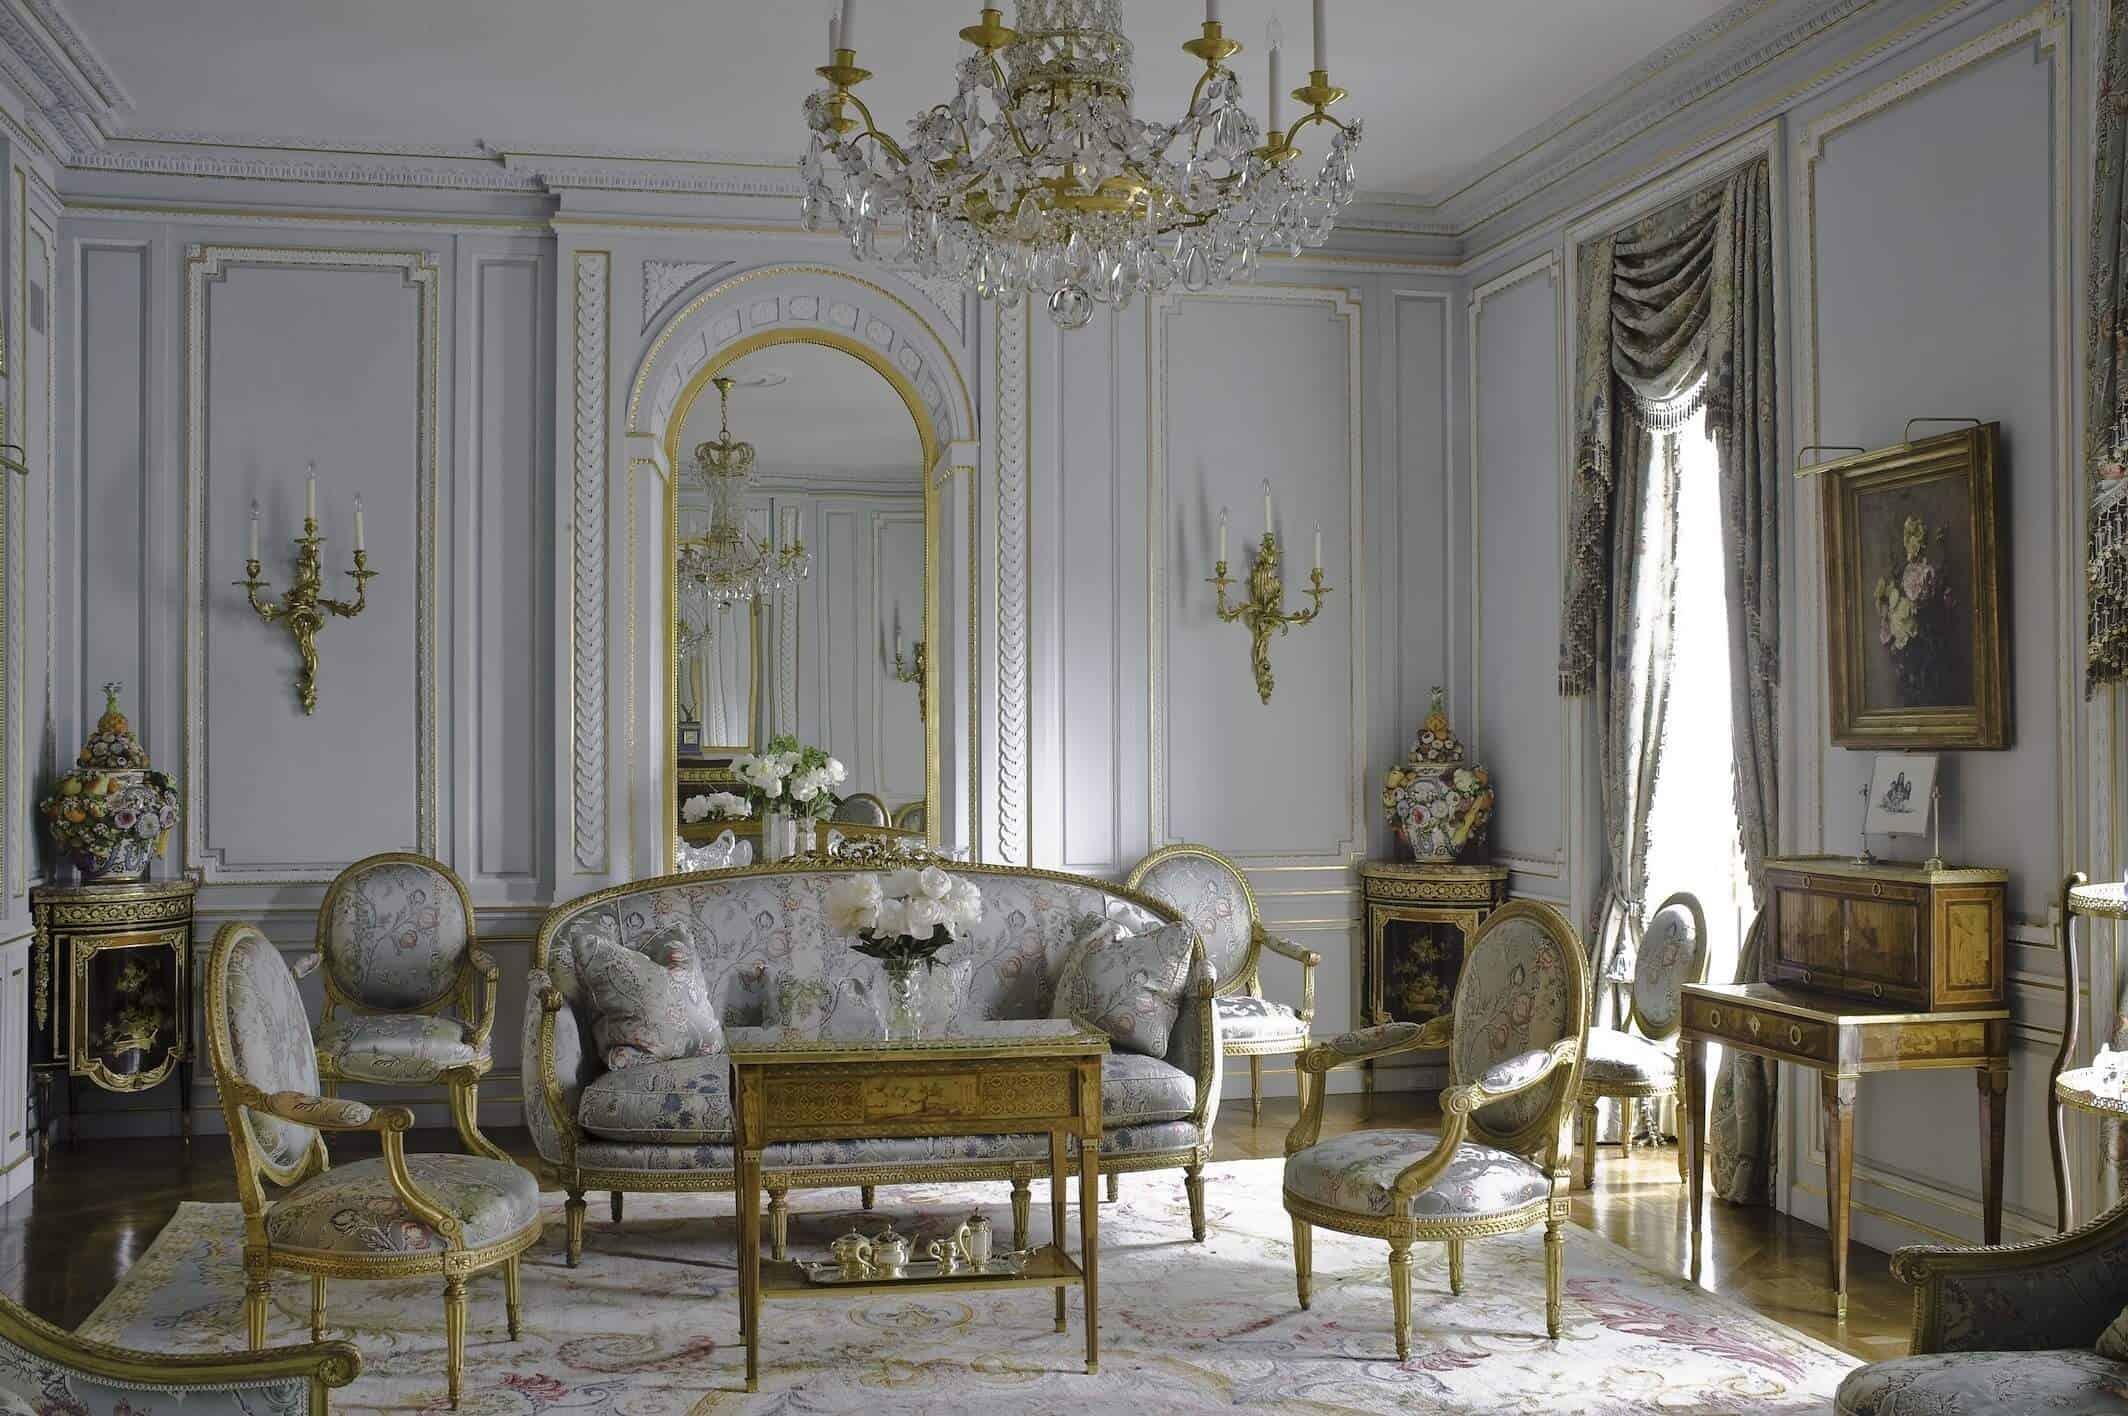 بررسی طراحی دکوراسیون داخلی به سبک فرانسوی